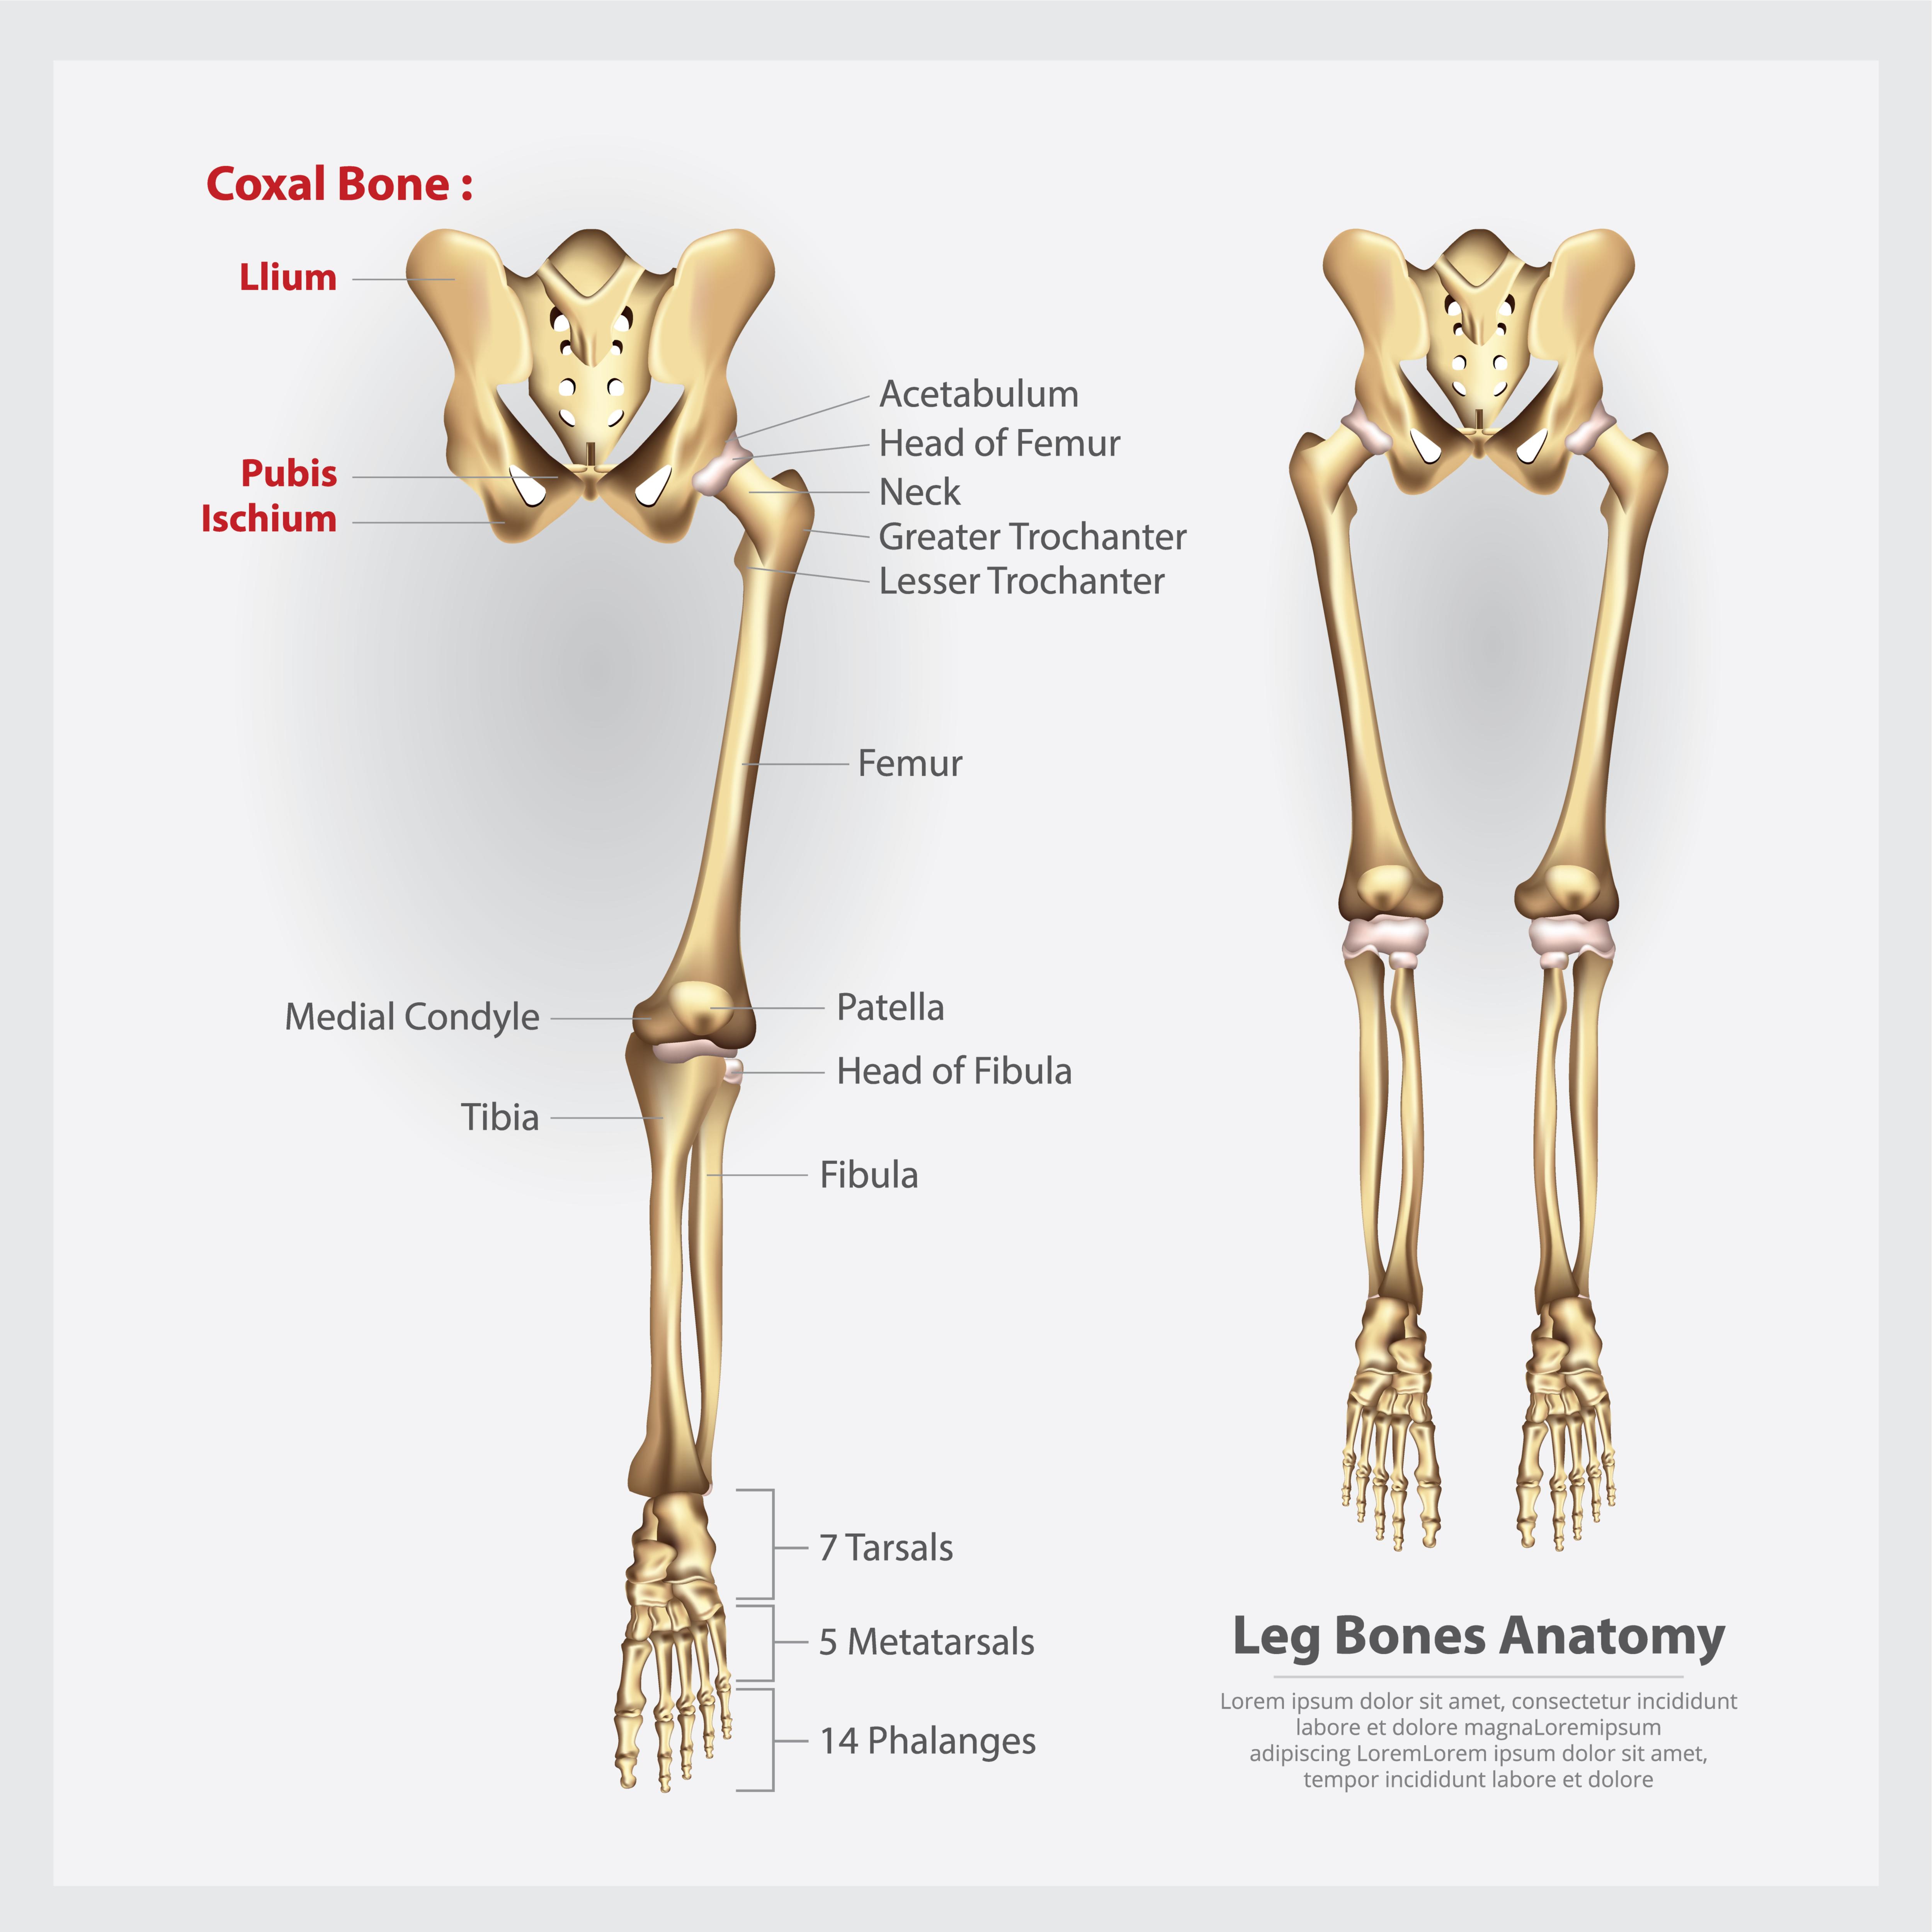 Tulang ekstremitas bawah *tungkai bawah) dimulai dari panggung hingga telapak kaki